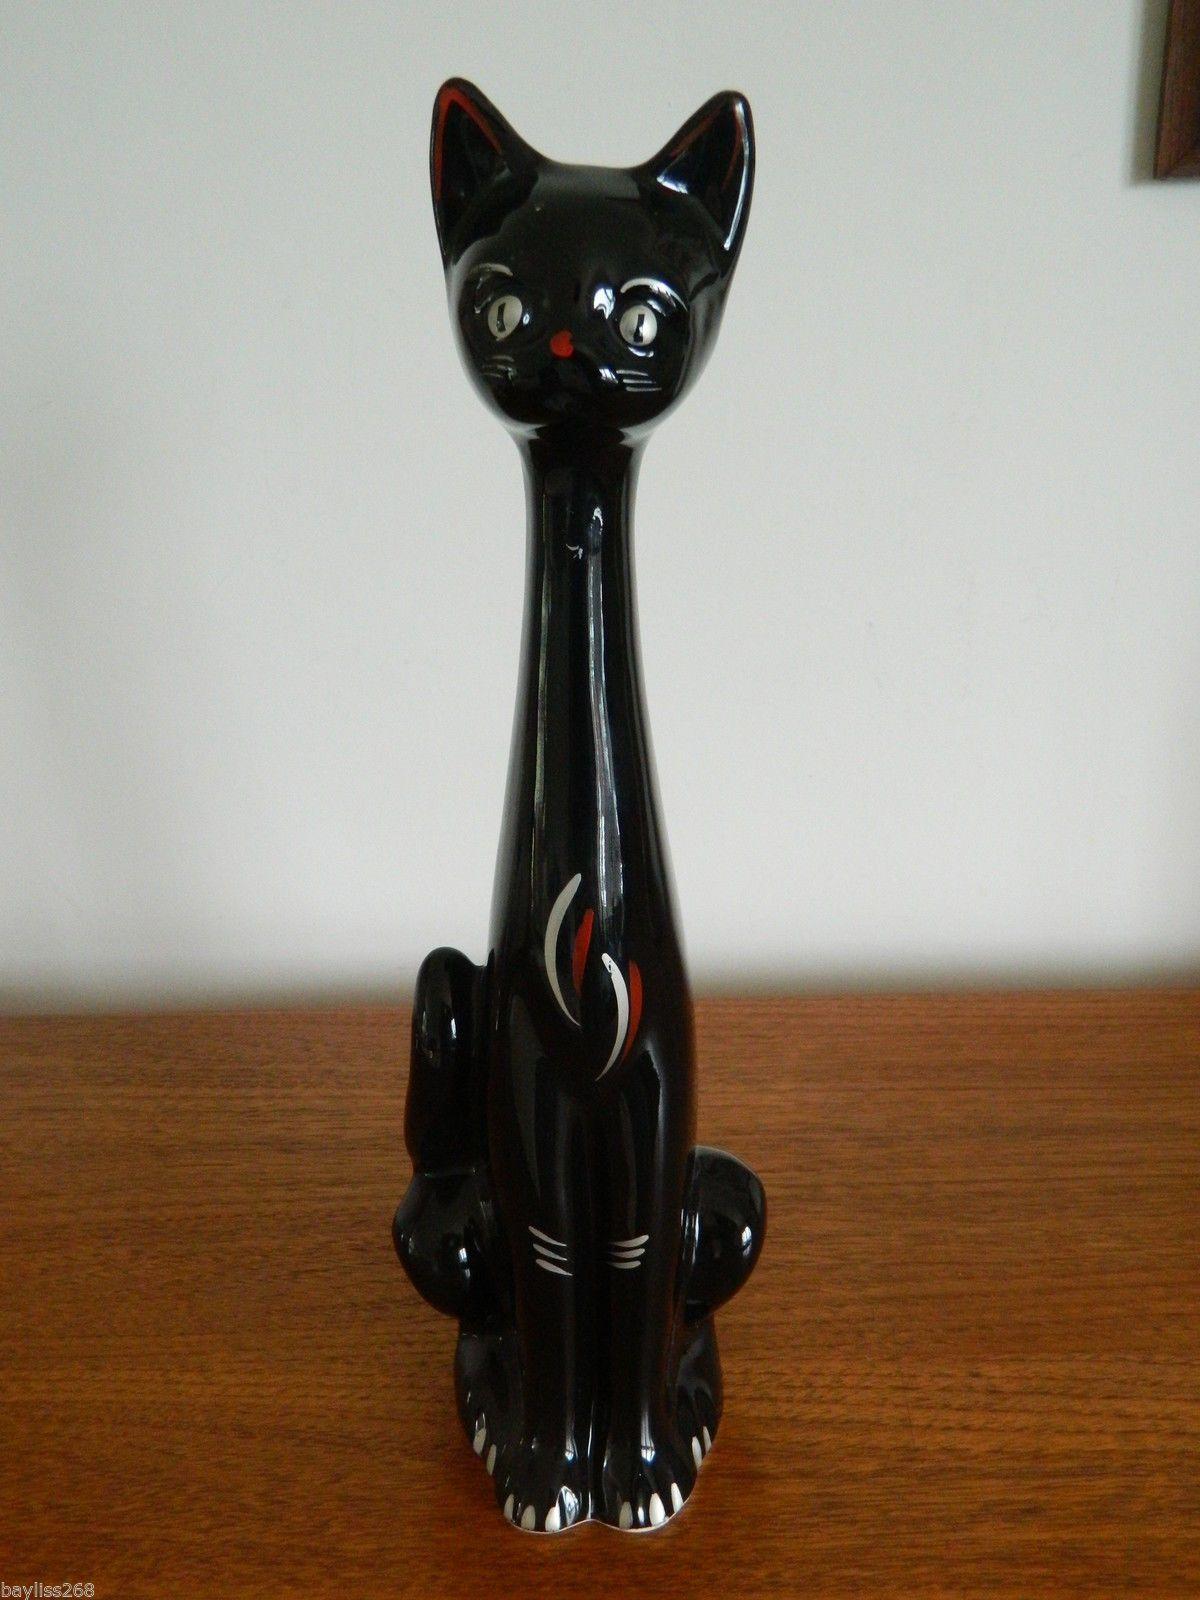 Vintage Ceramic Black Cat Vase Ornament Retro 60's Piece